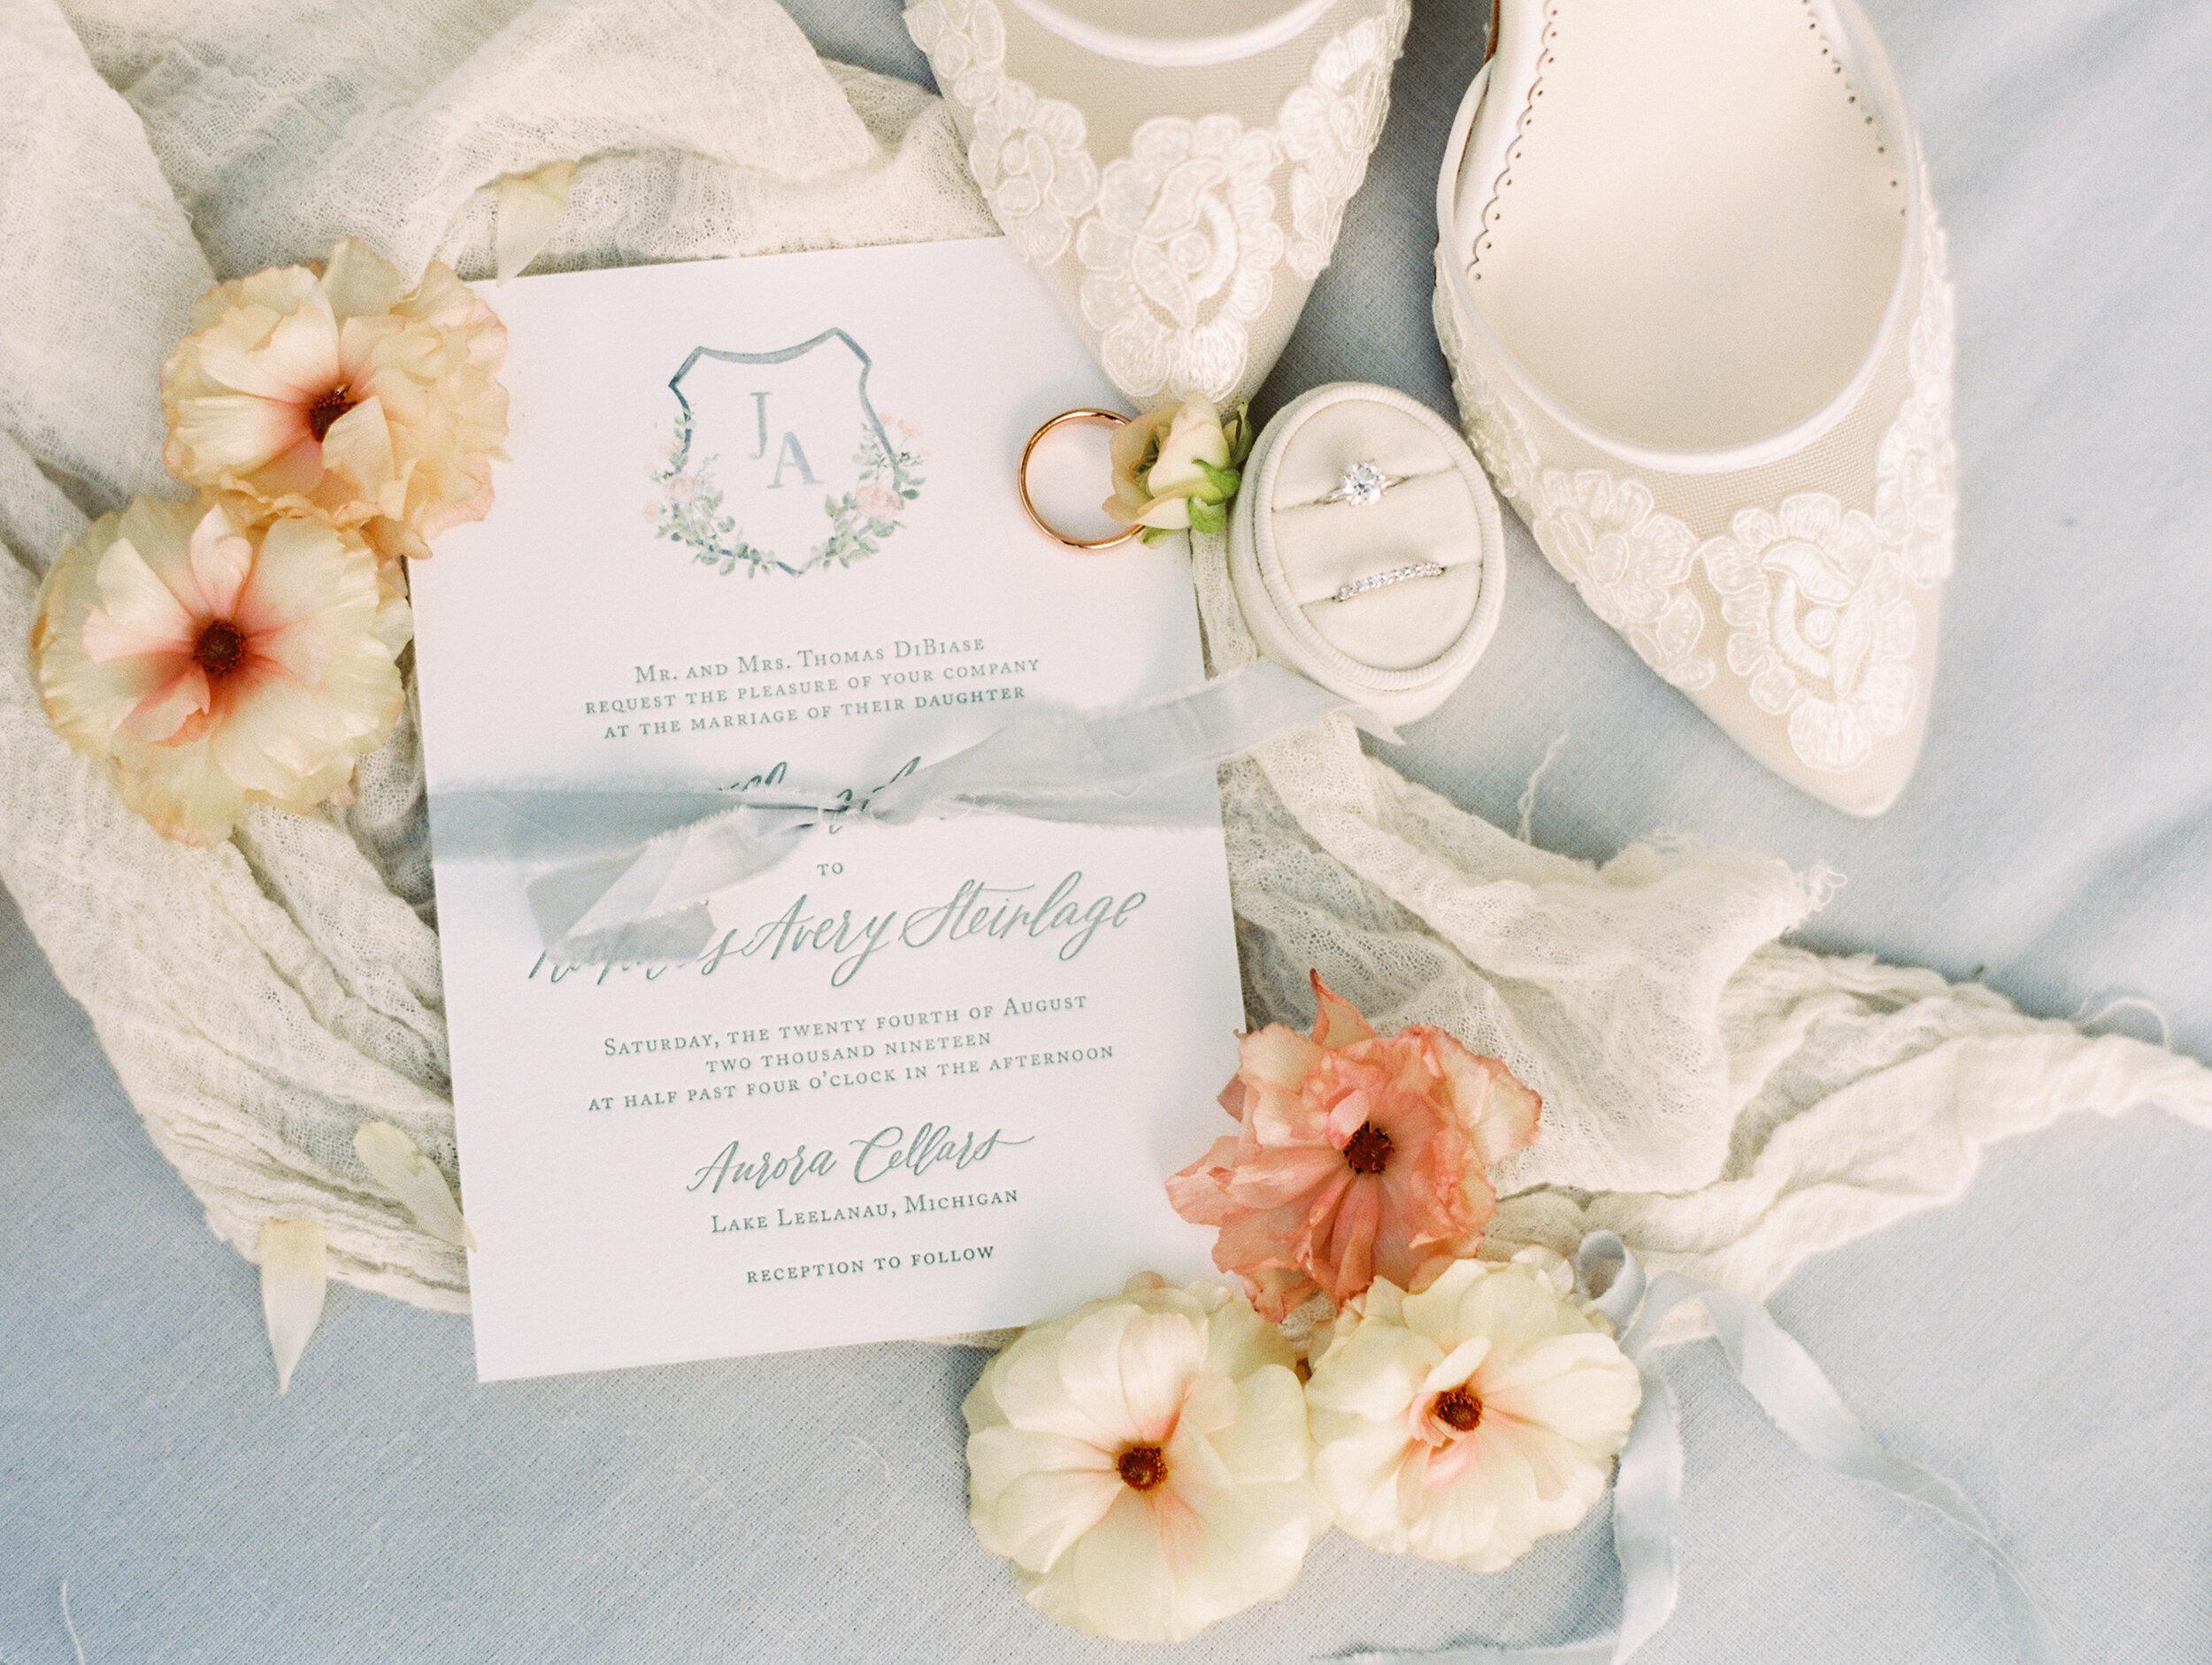 Steinlage+Wedding+Details-21.jpg